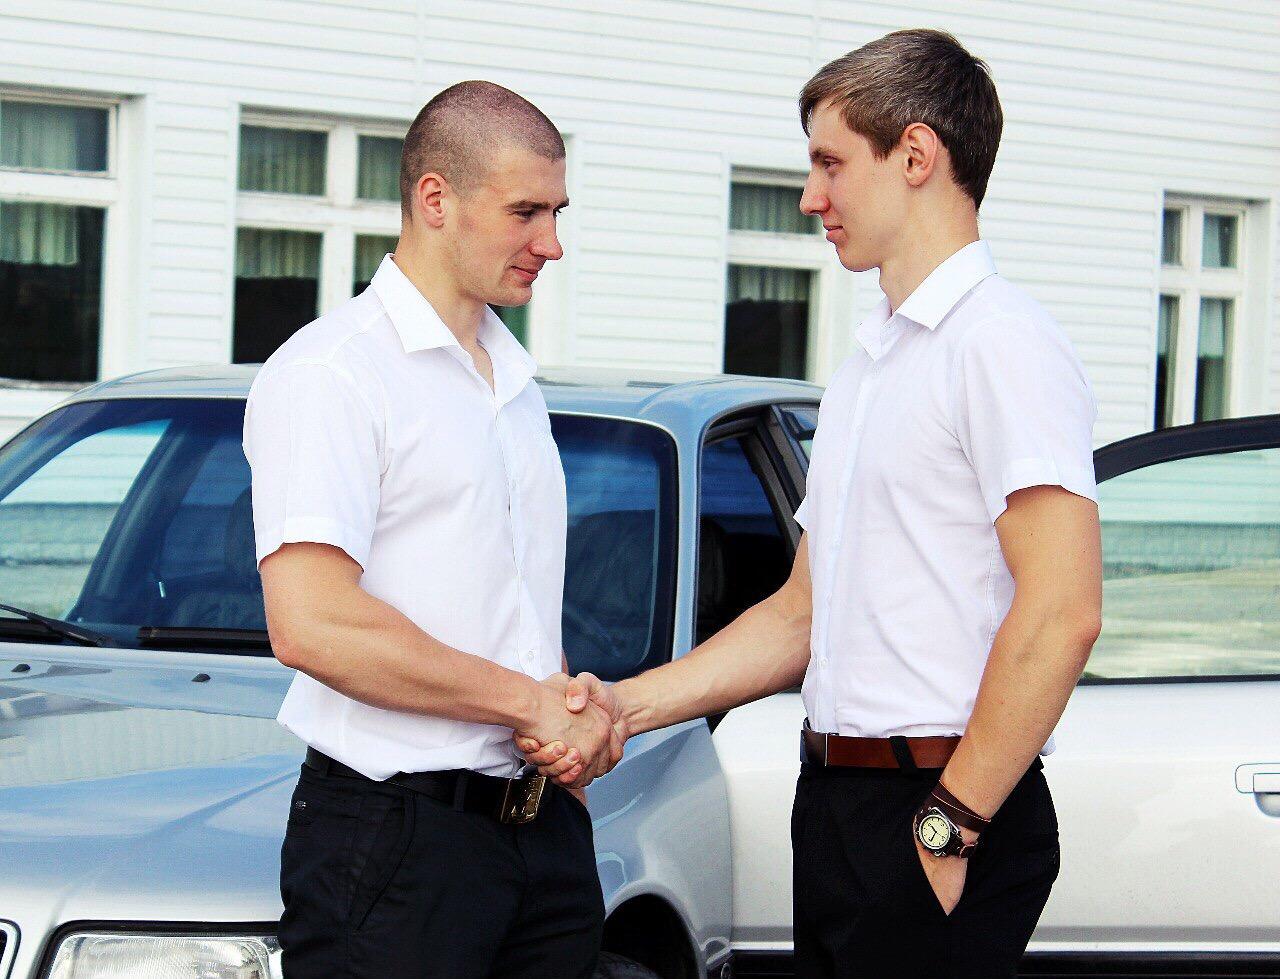 deux hommes se serrent la main devant voiture